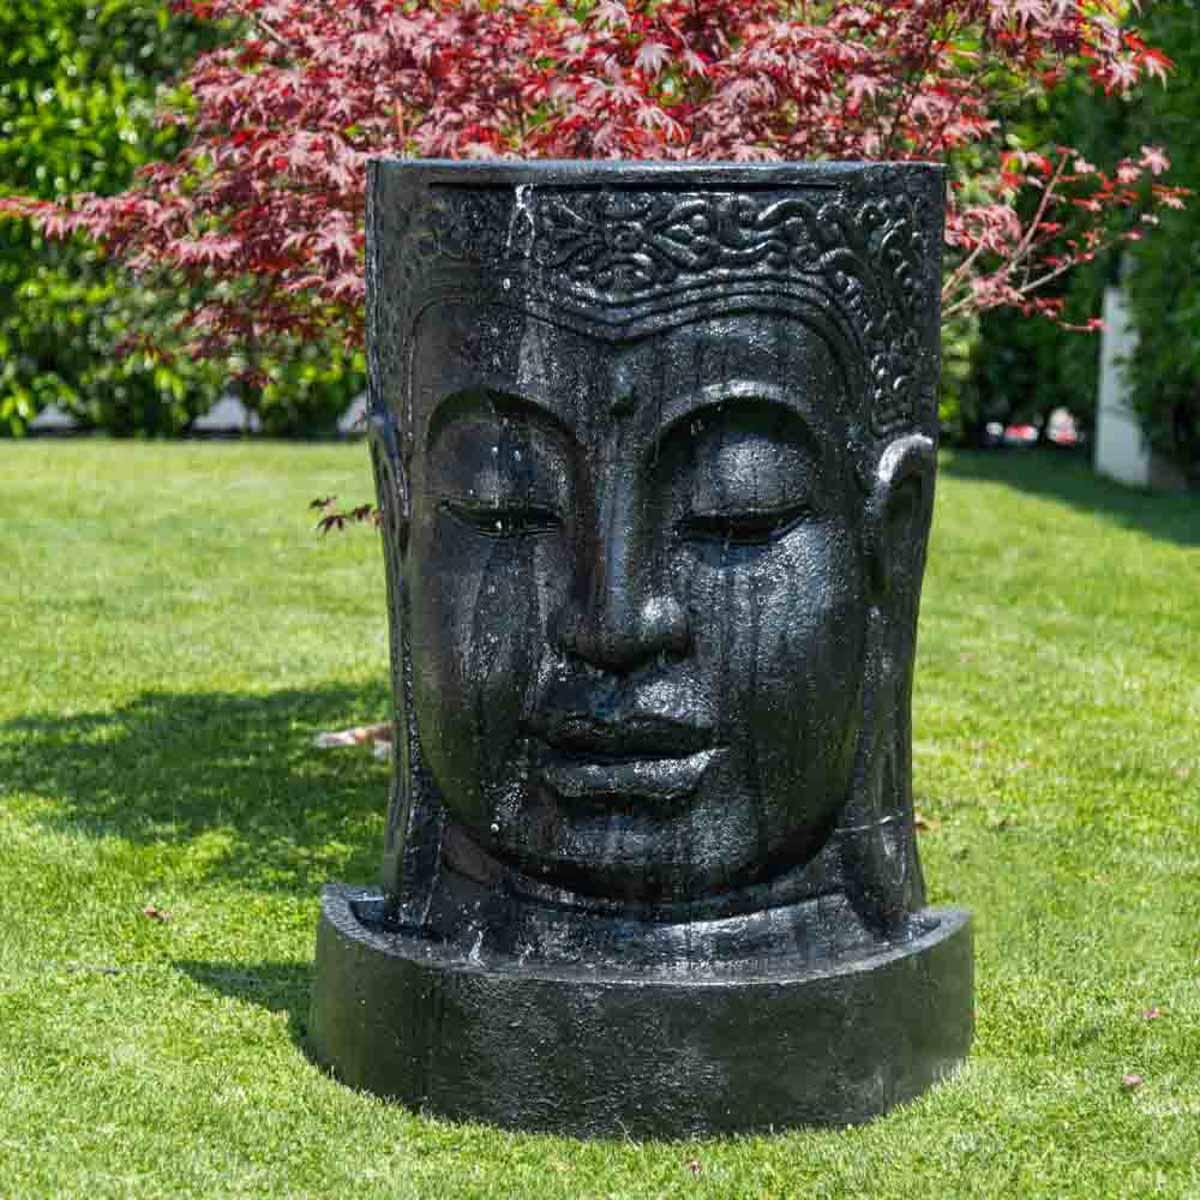 fontaine de jardin mur d 39 eau visage de bouddha 1 m 20 noir. Black Bedroom Furniture Sets. Home Design Ideas